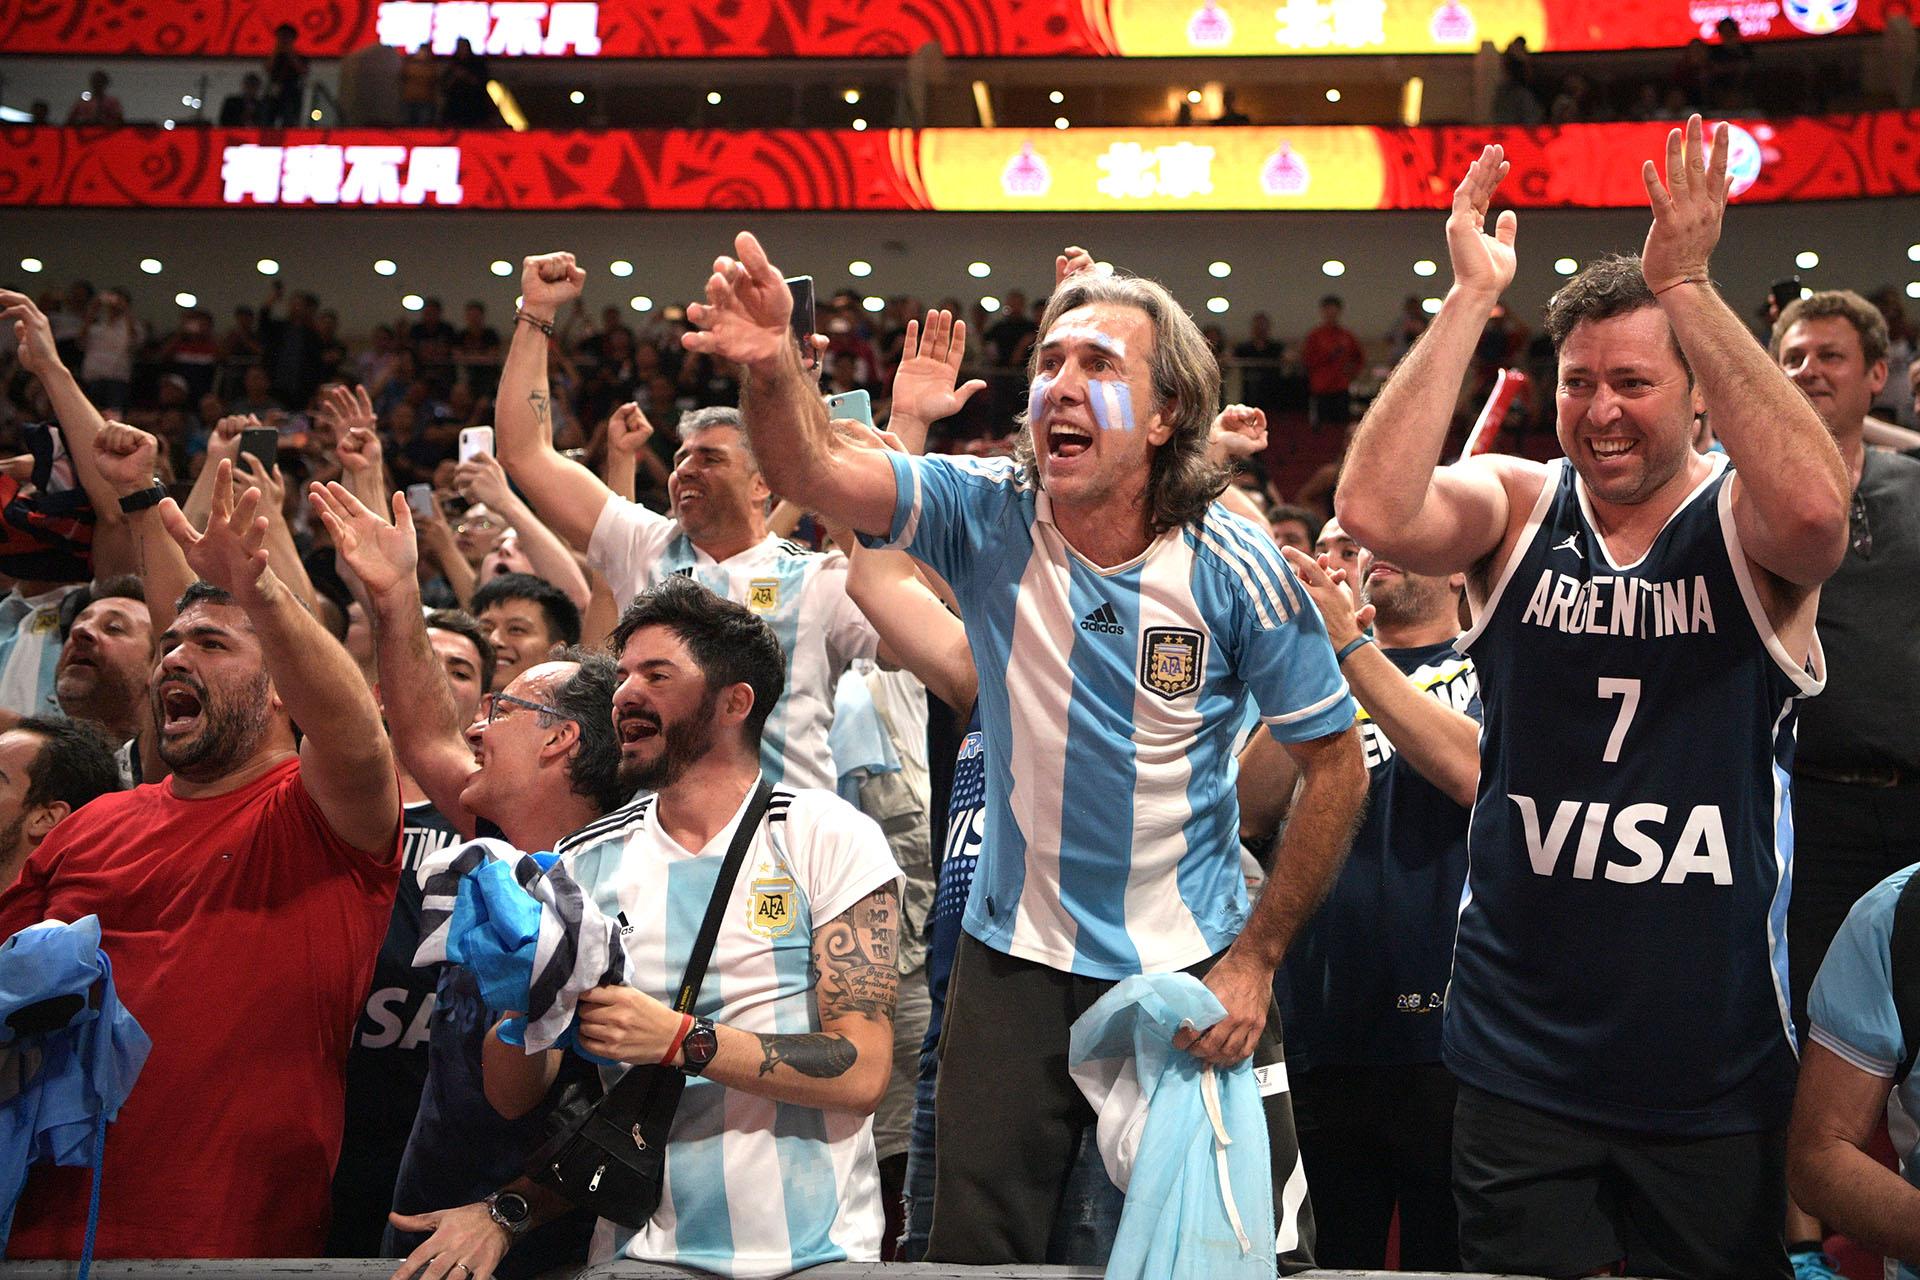 Los fanáticos de rgentina en Beijing (Photo by NOEL CELIS / AFP)